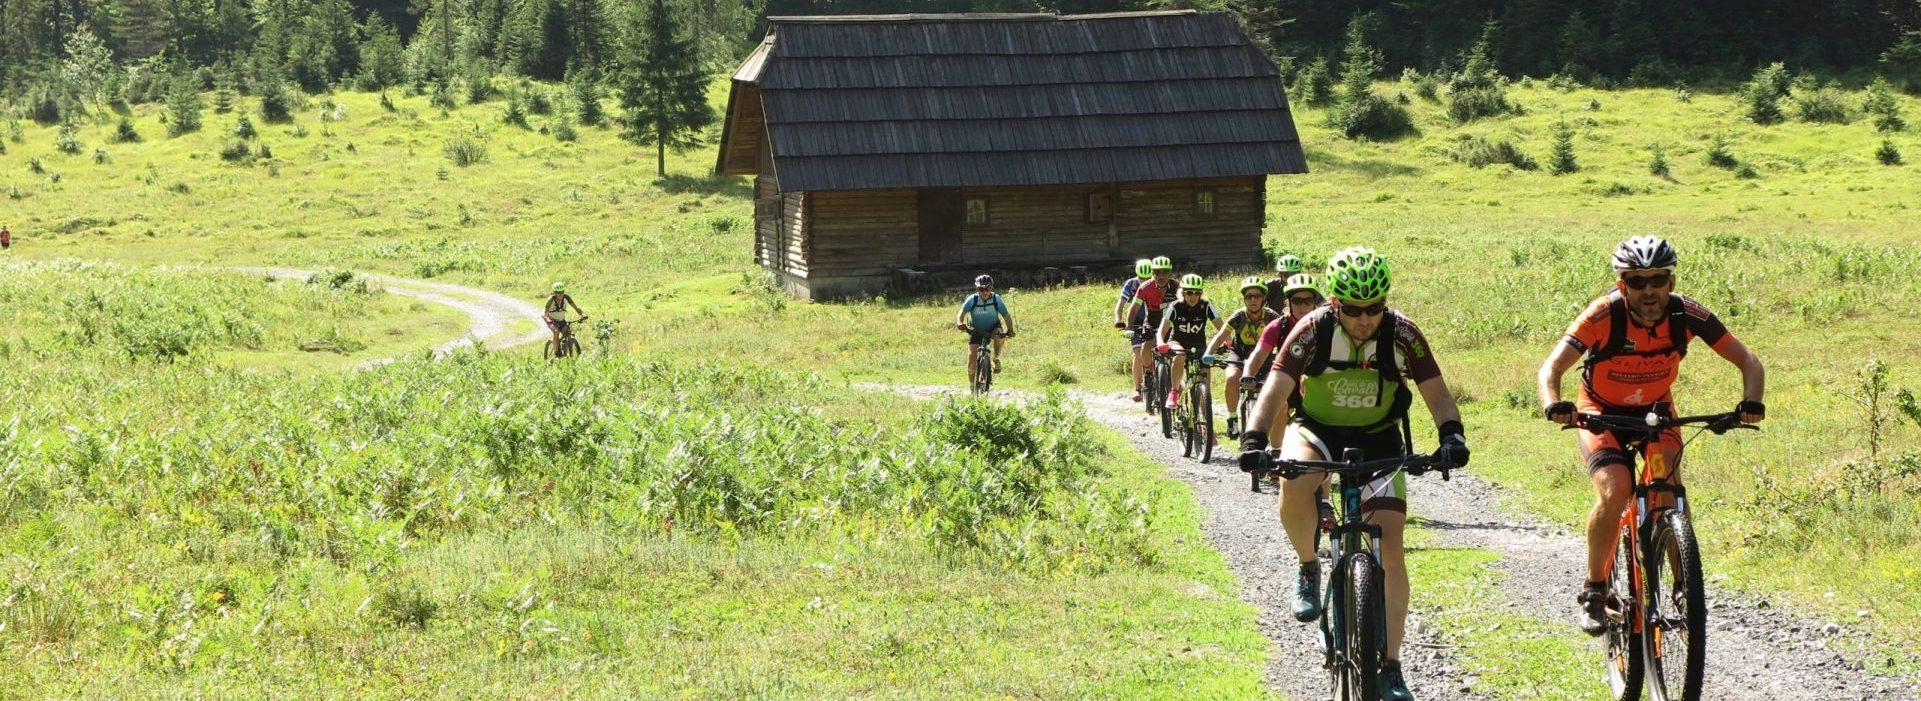 Kolesarski izleti / Bike trips